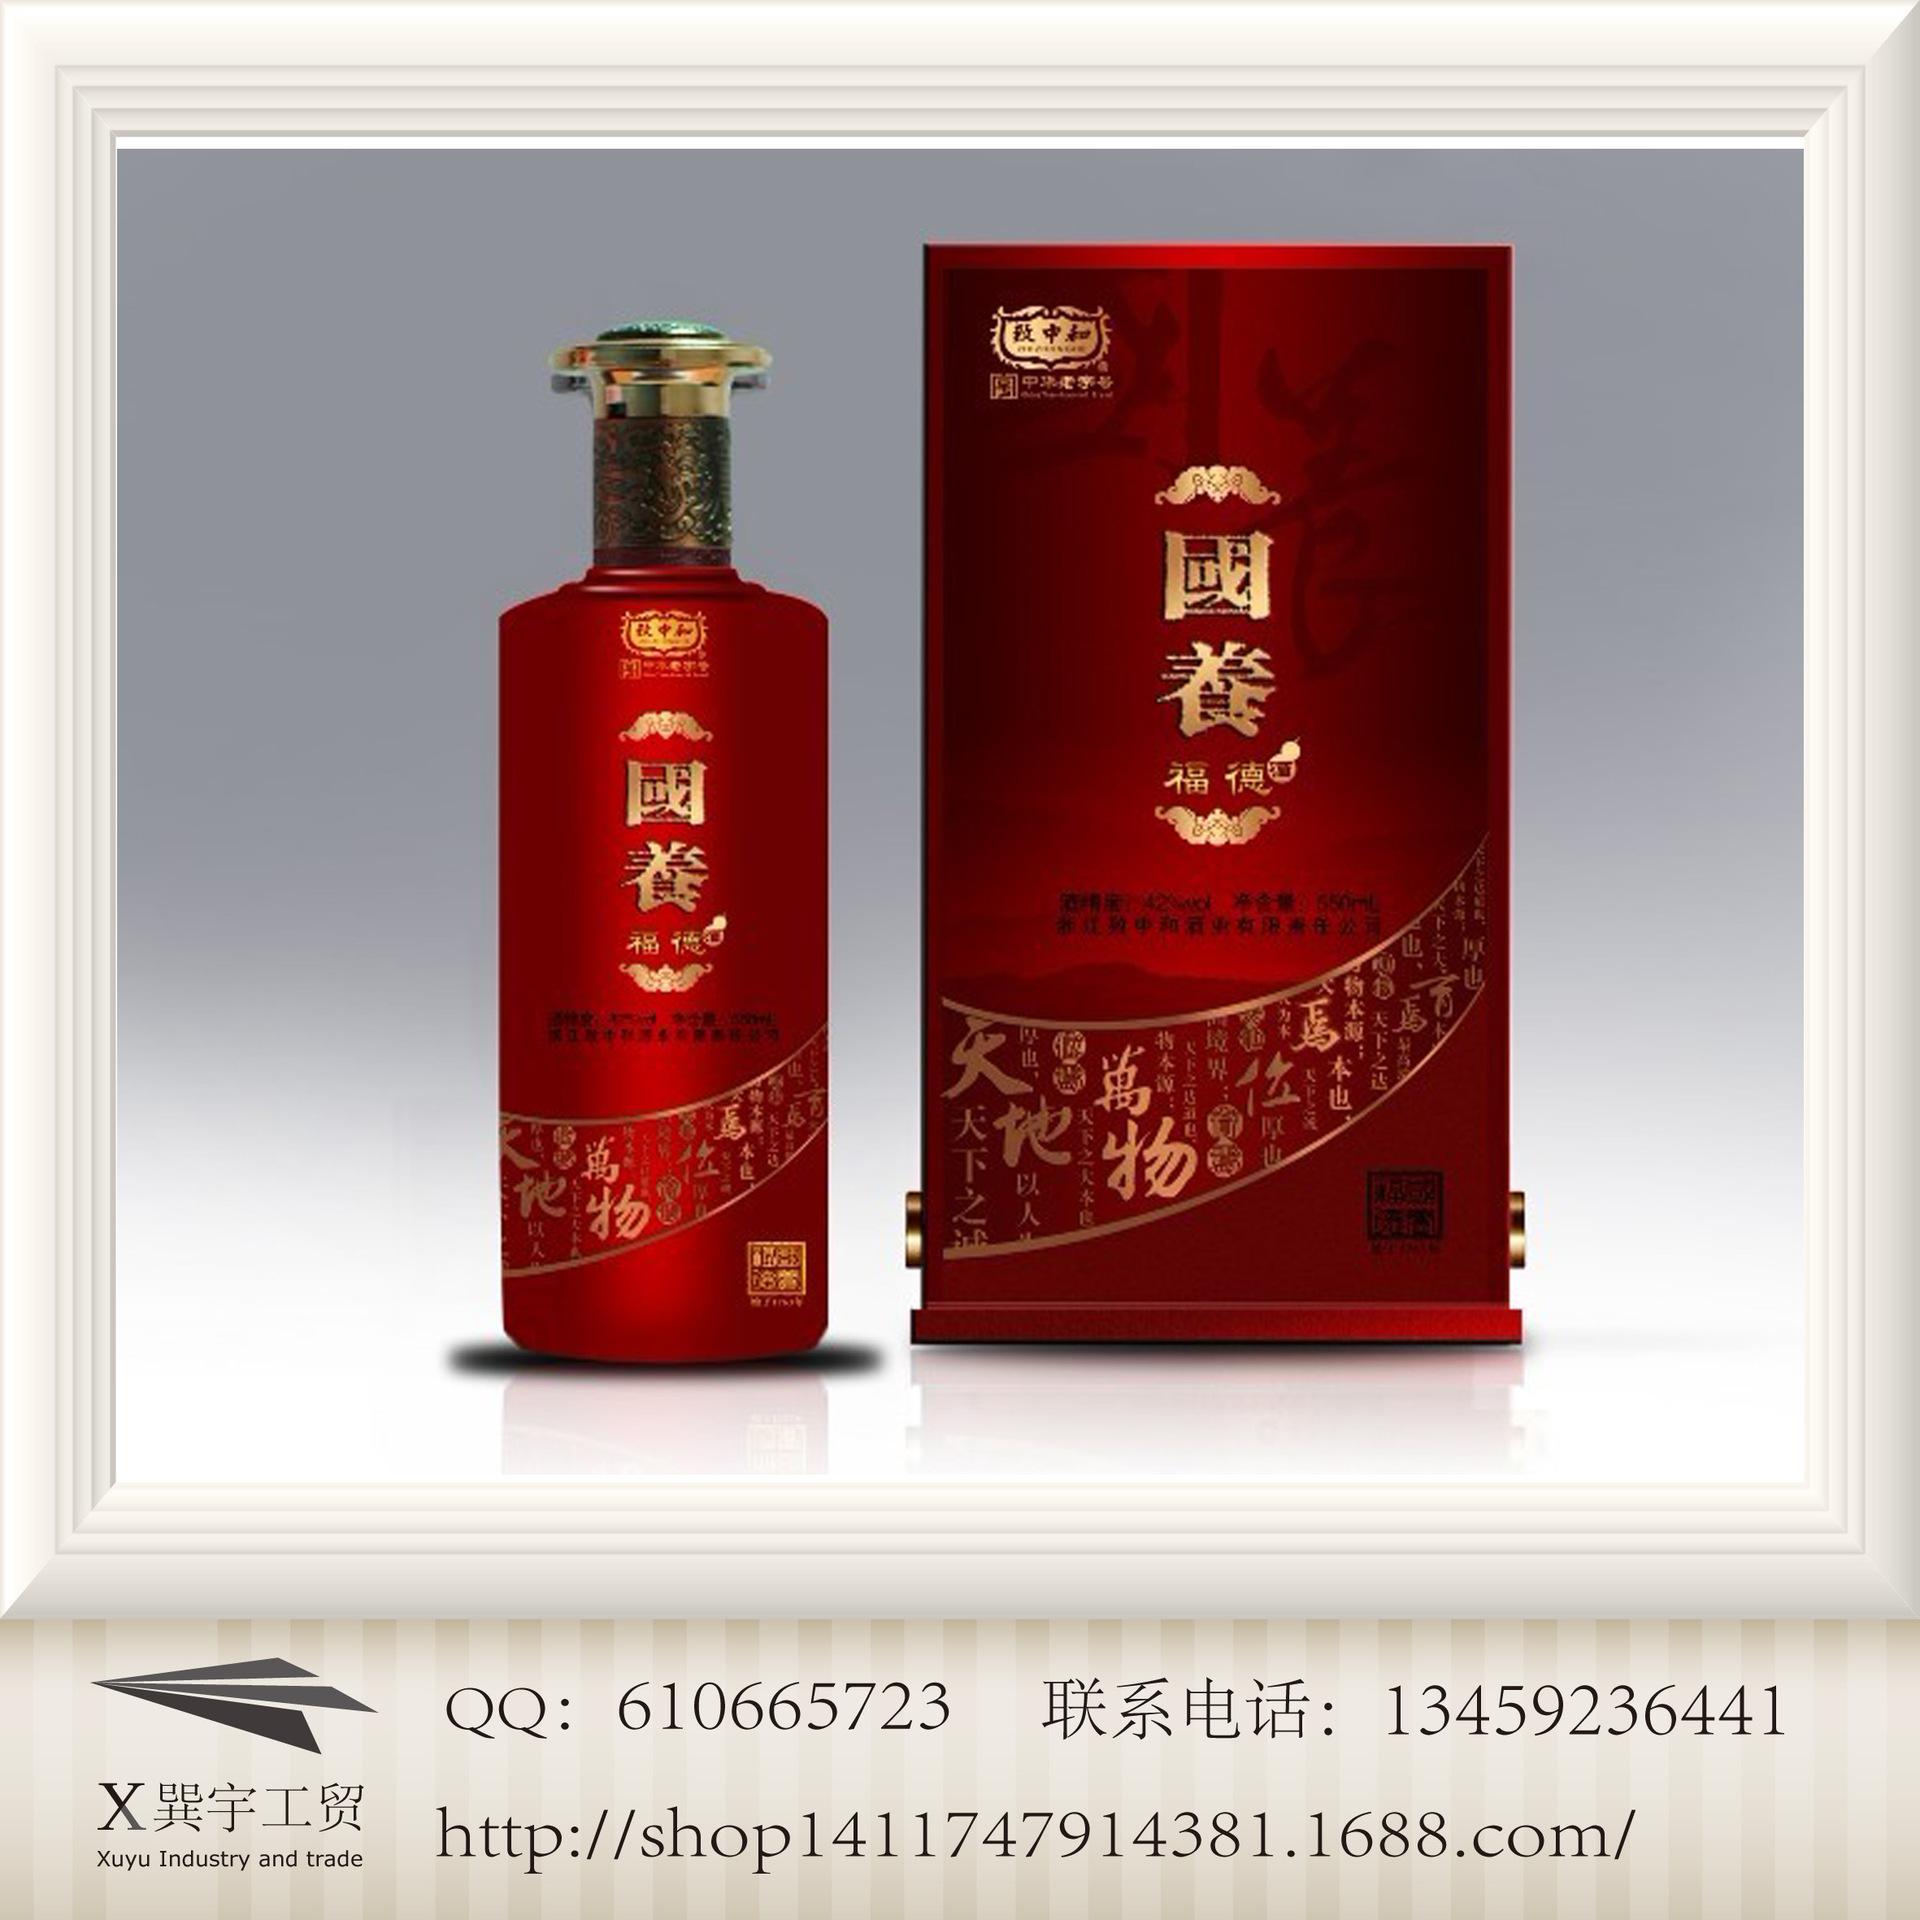 精品礼盒设计印刷 高档酒包装设计制作 一斤装白酒盒系列